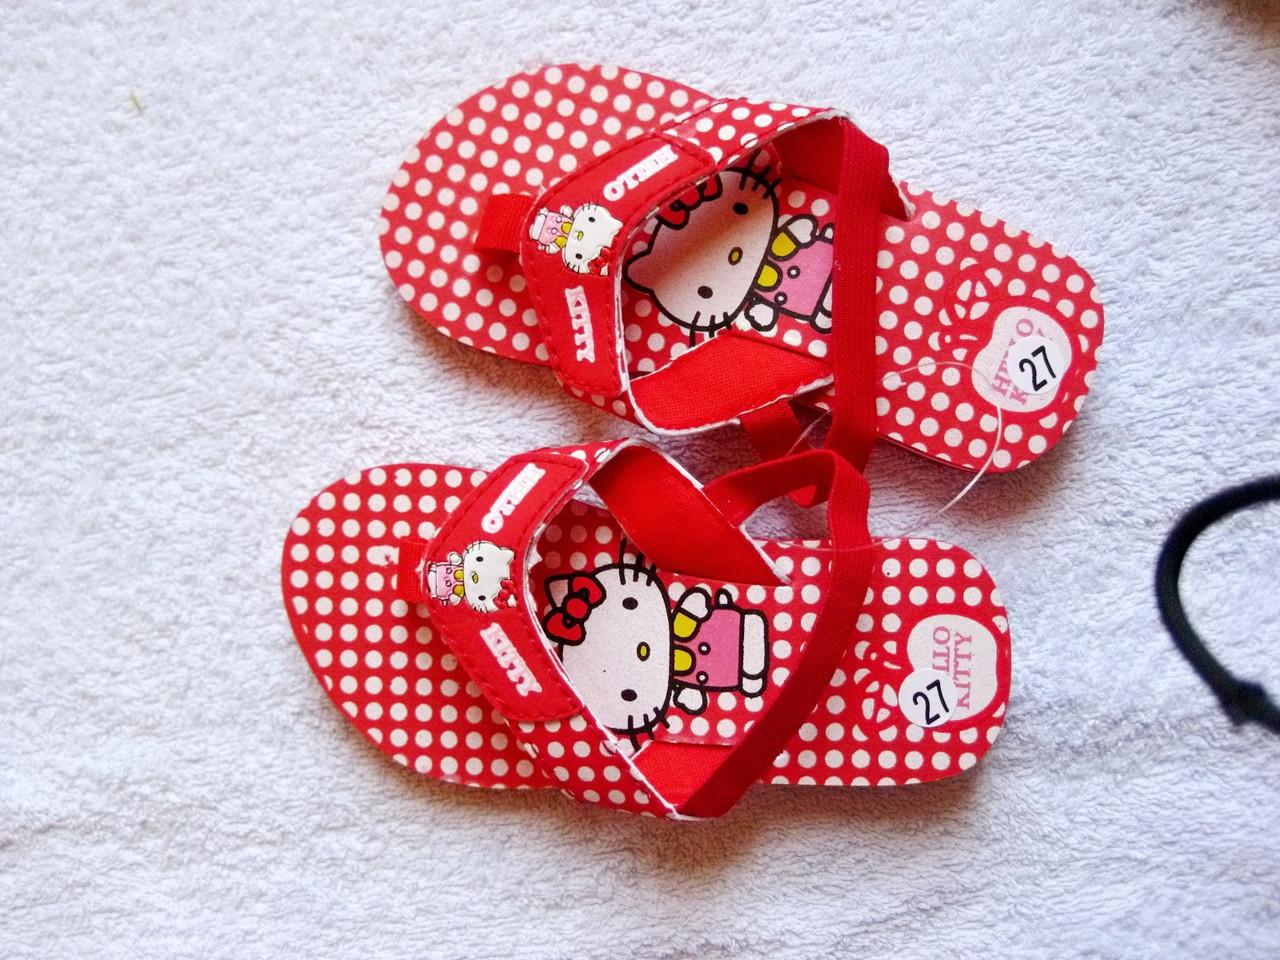 НЕДОРОГО Летние босоножки шлепки Kitty для девочки р. 24, 25